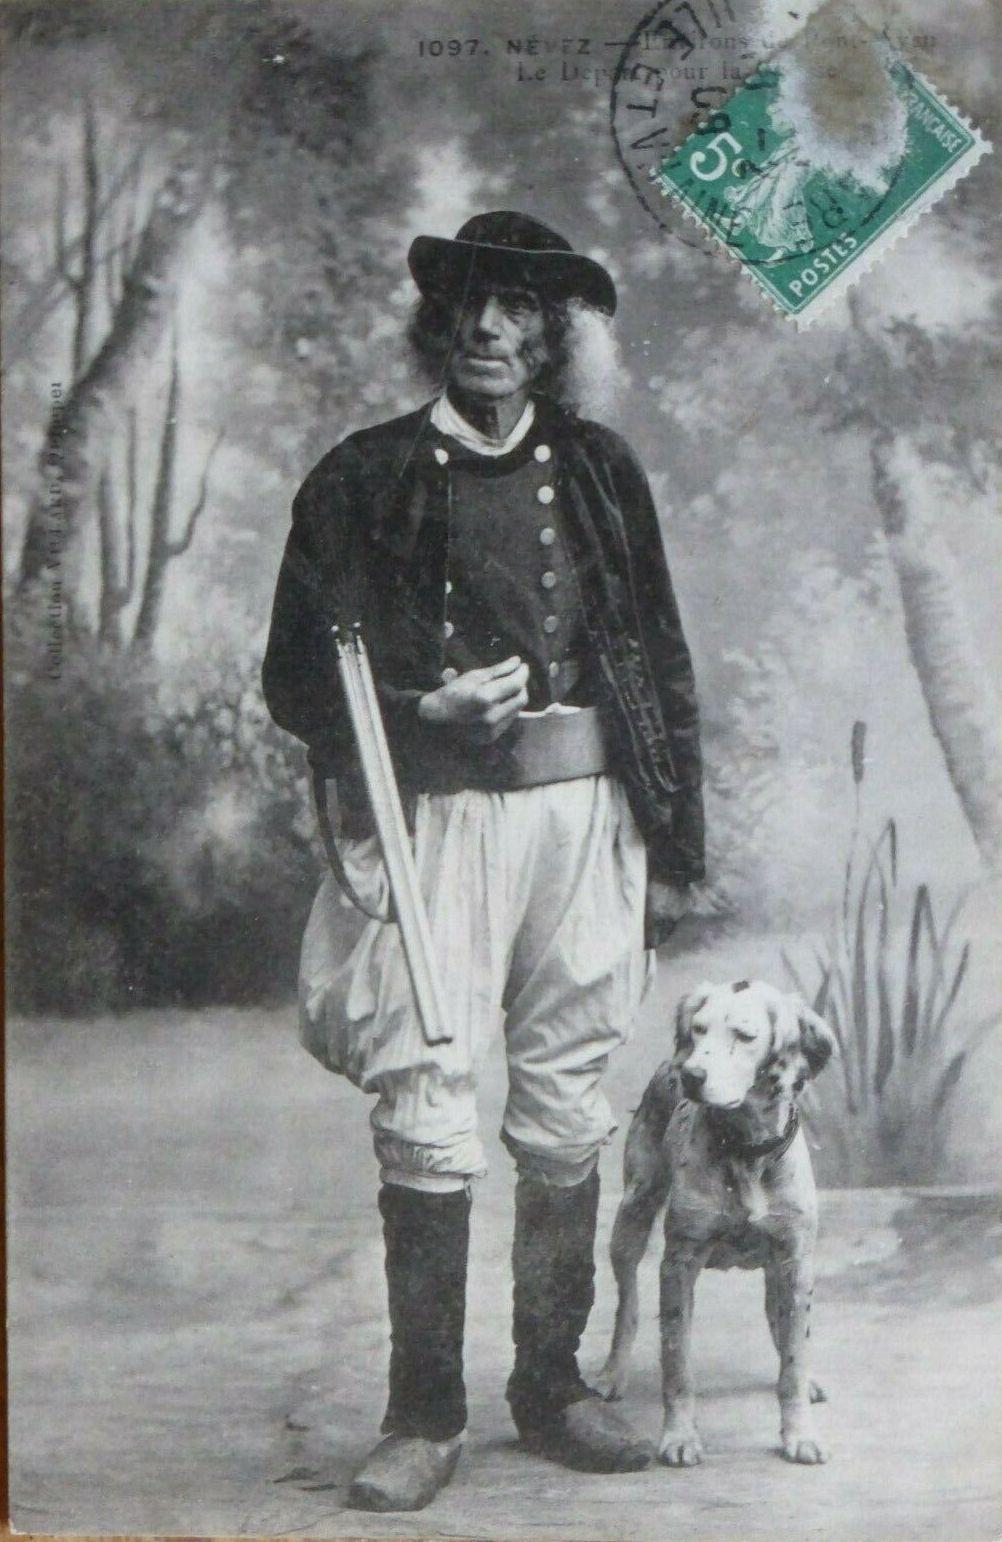 Quiberon, sa côte, ses chouans, ses bastons - Page 26 Bragoz12